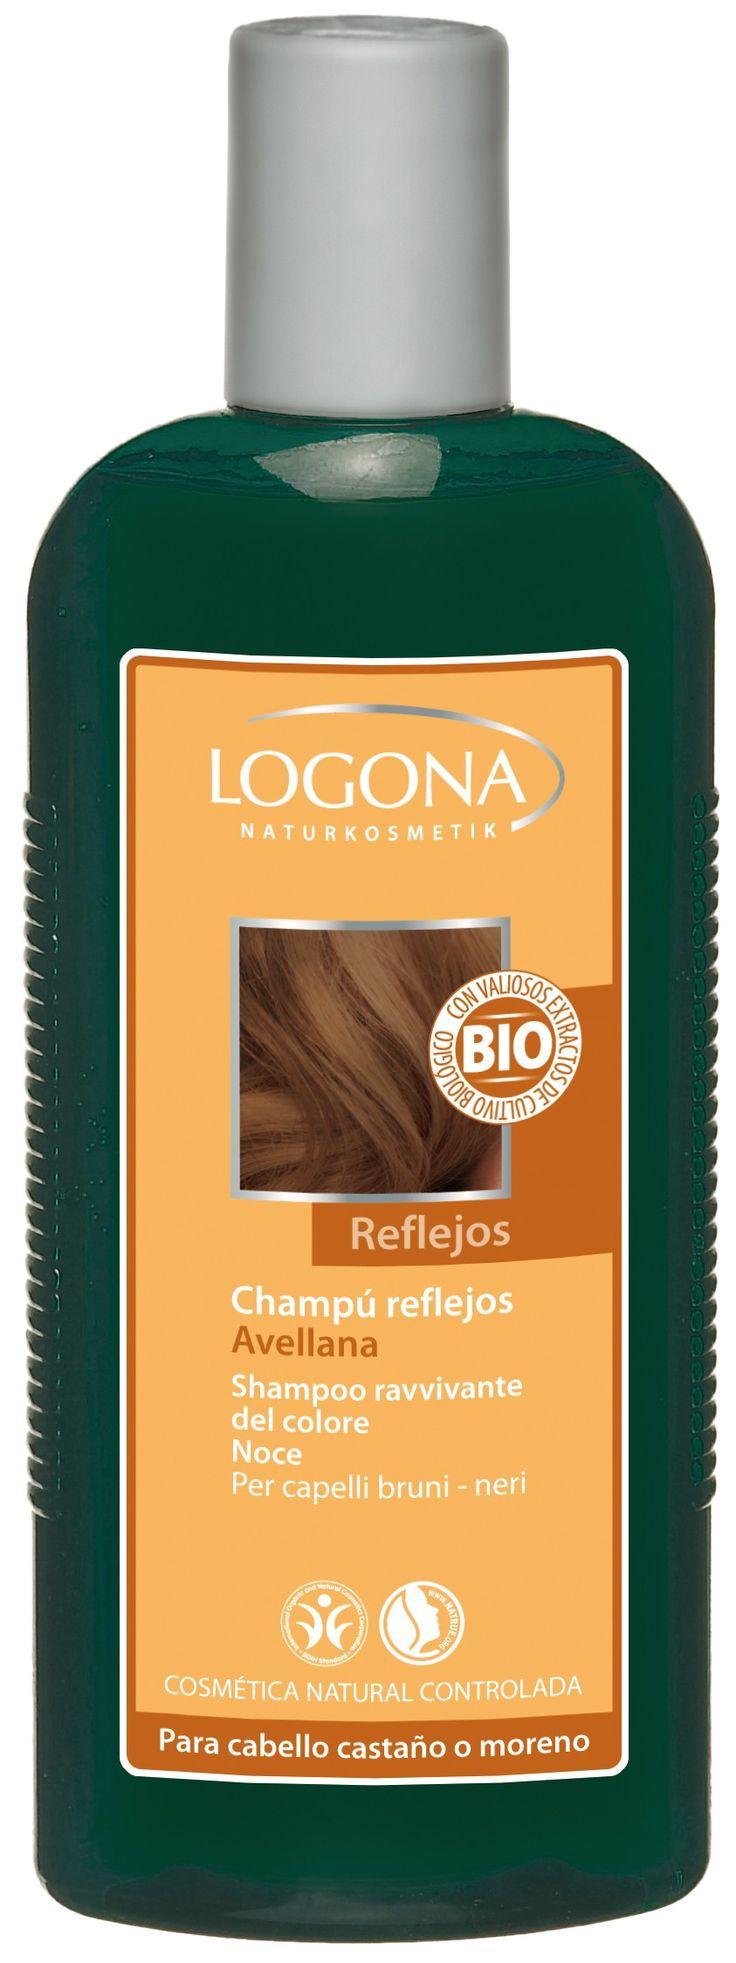 Champú reflejos avellana de Logona, champú natural para llenar de brillo los cabellos castaños y negros - Ecobelleza, cosmética ecológica certificada